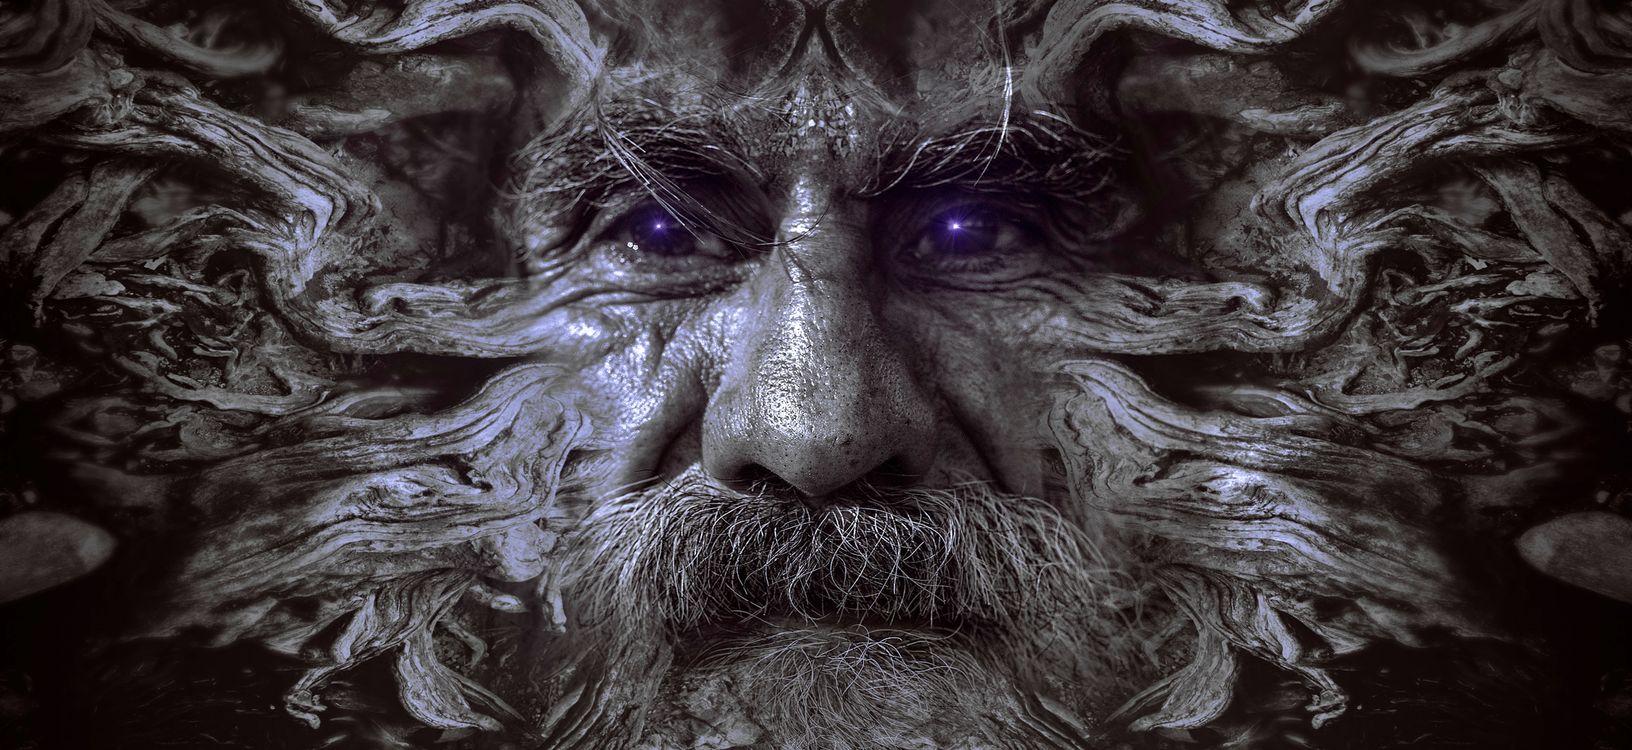 Фото бесплатно портрет, фантазия, лицо, человек, старый, корень, древесины, структура, искусство, таинственный, сюрреалистический, мистический, составление, фотомонтаж, магия, фантастика